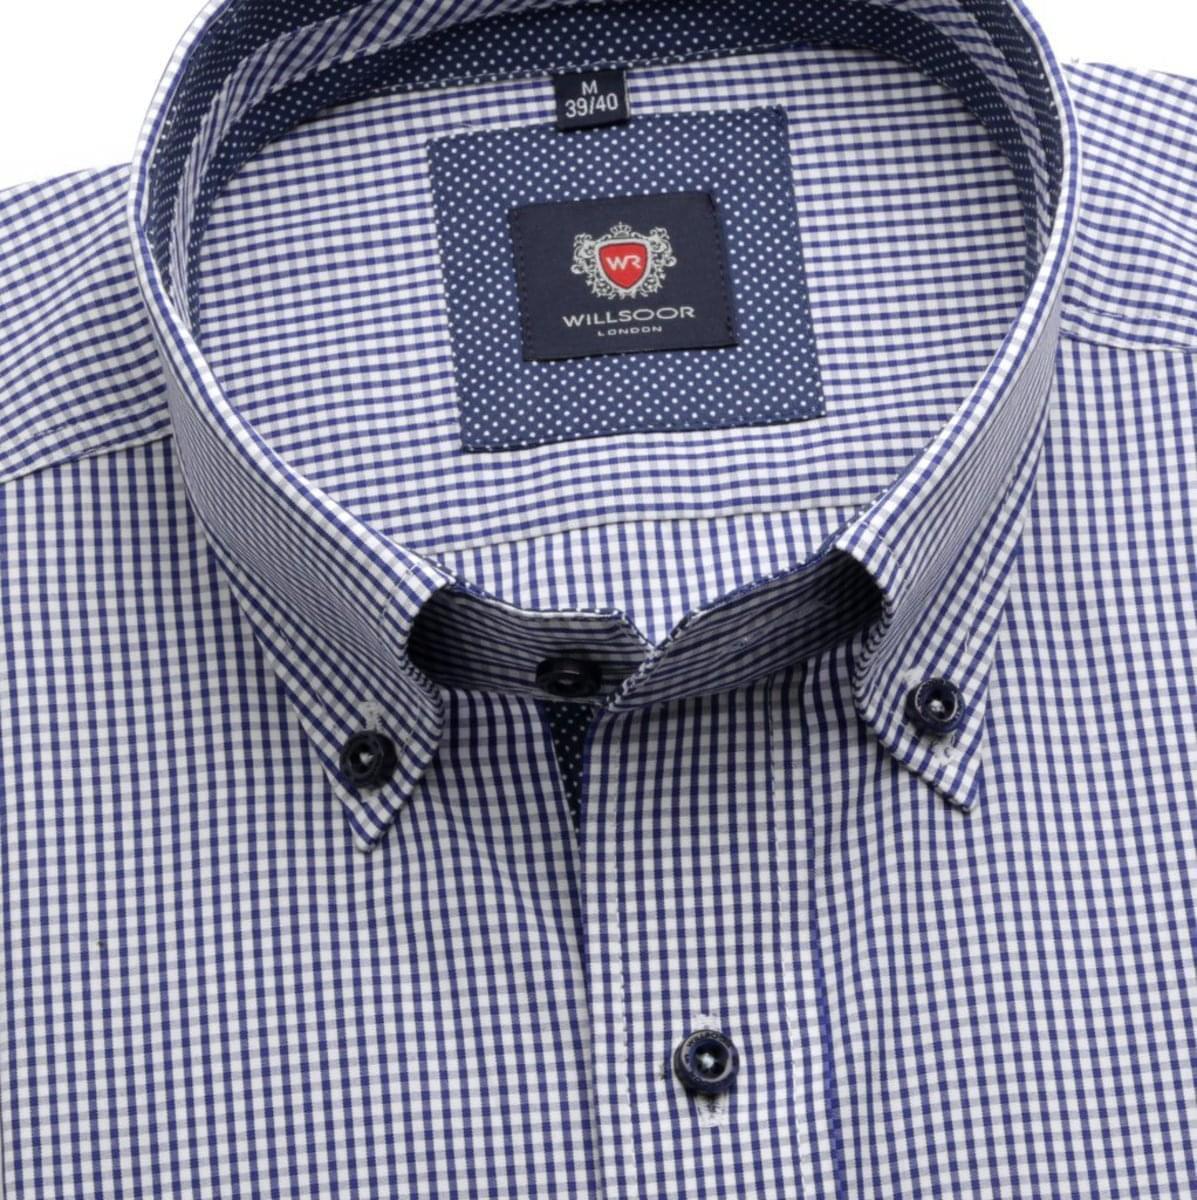 Pánská klasická košile London (výška 188-194) 6077 s bílo-modrou kostkou s formulí Easy Care 188-194 / L (41/42)